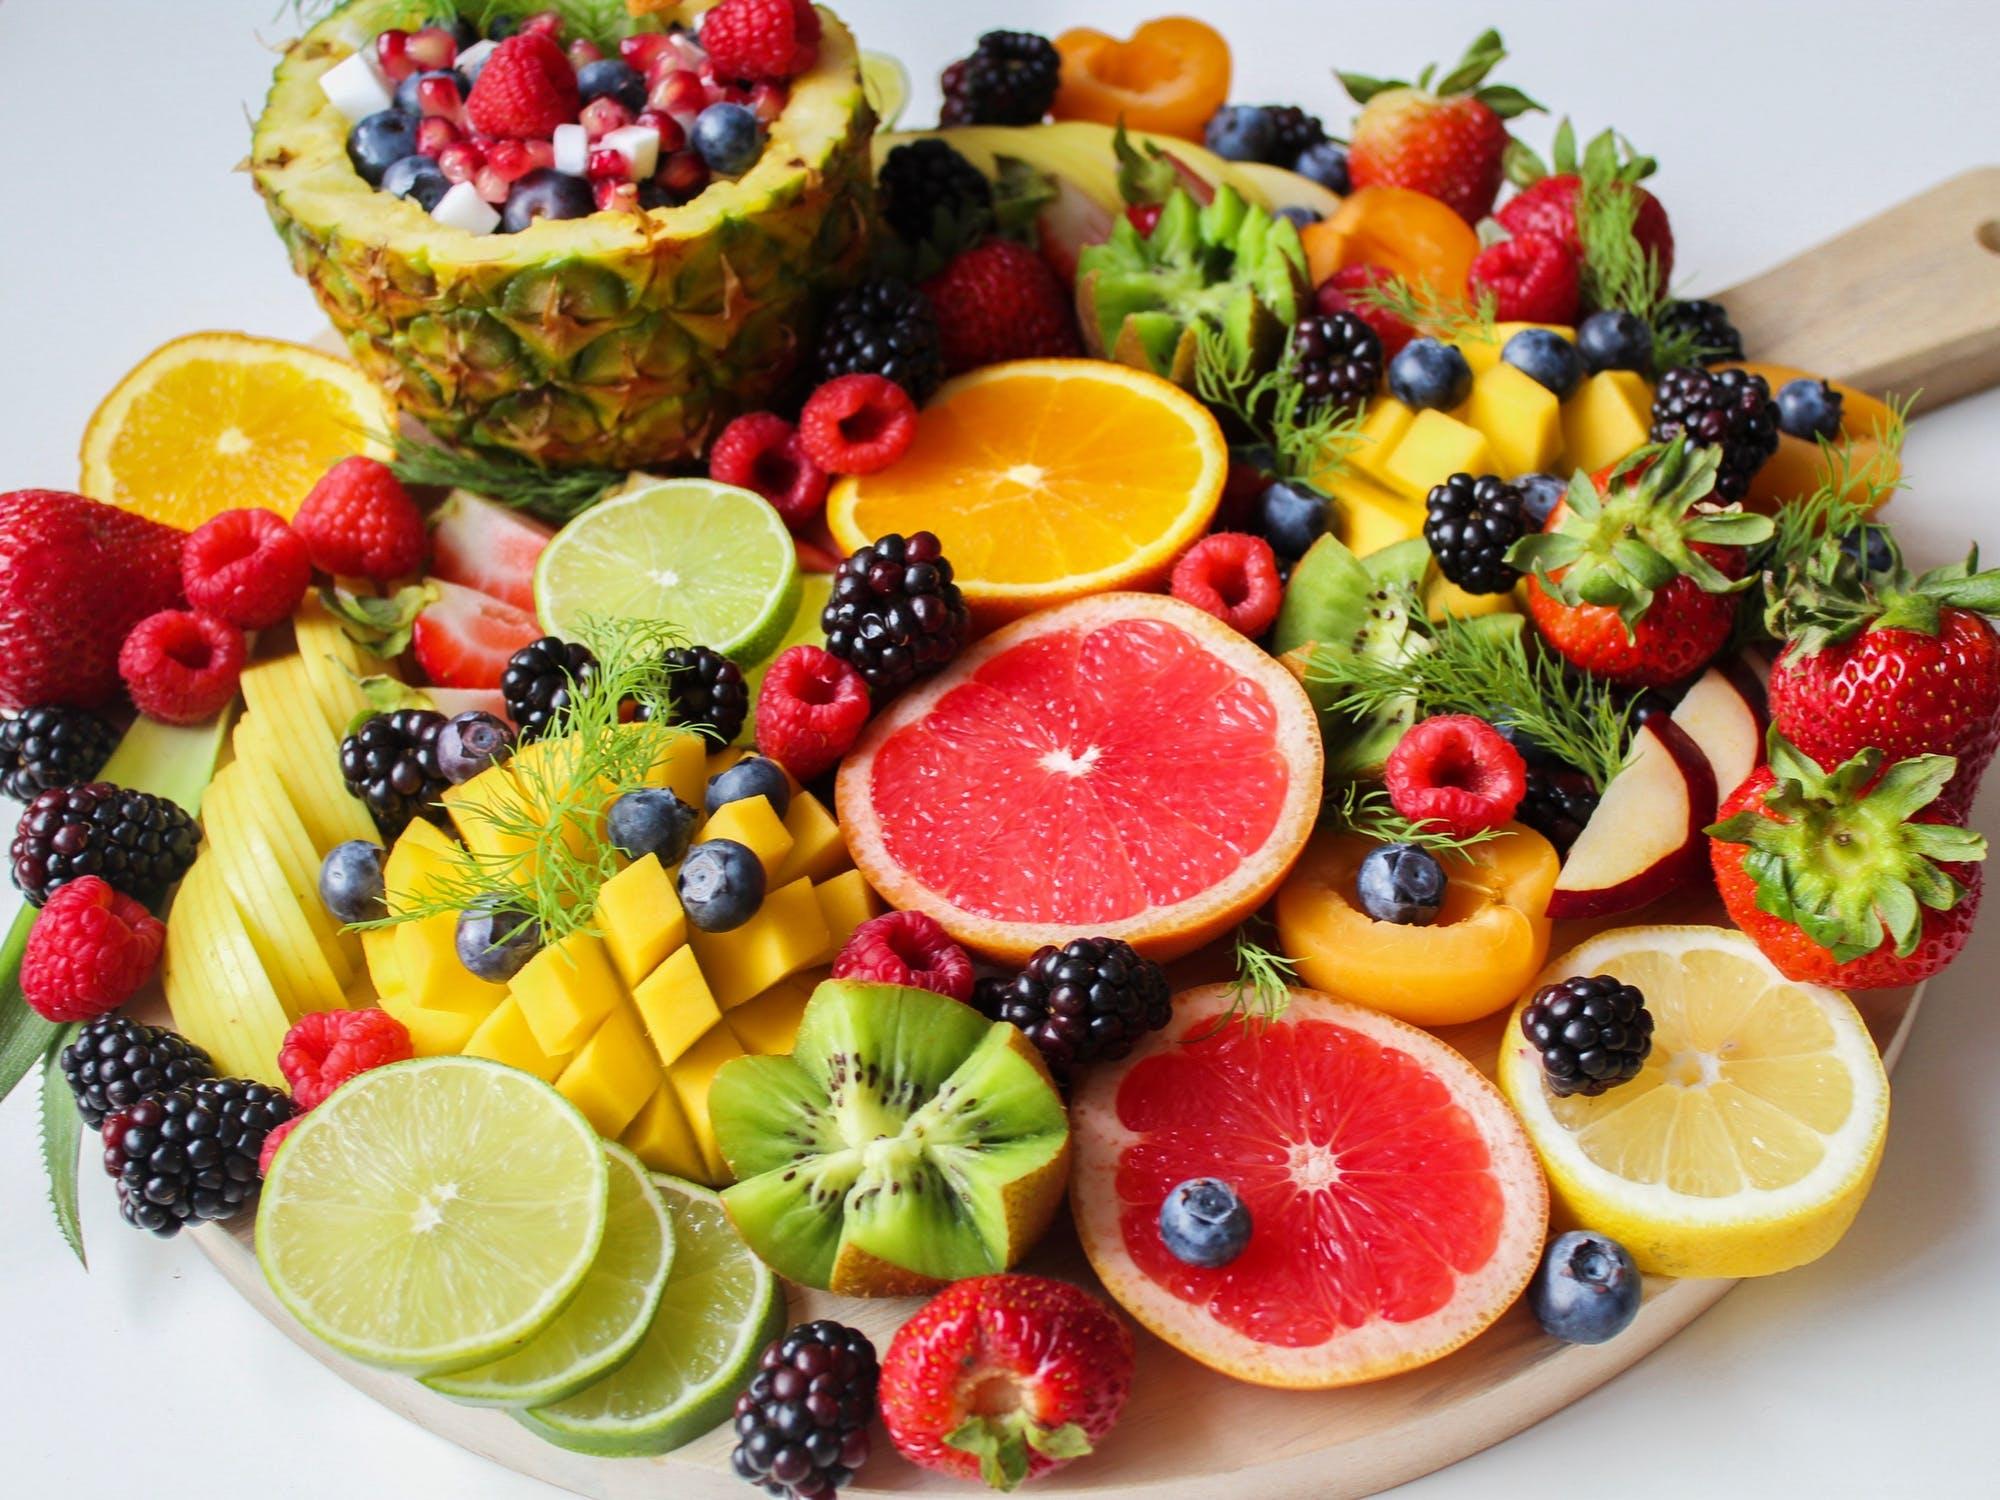 Fiszki język angielski. Kategoria Owoce. Zdjęcie kategorii Owoce